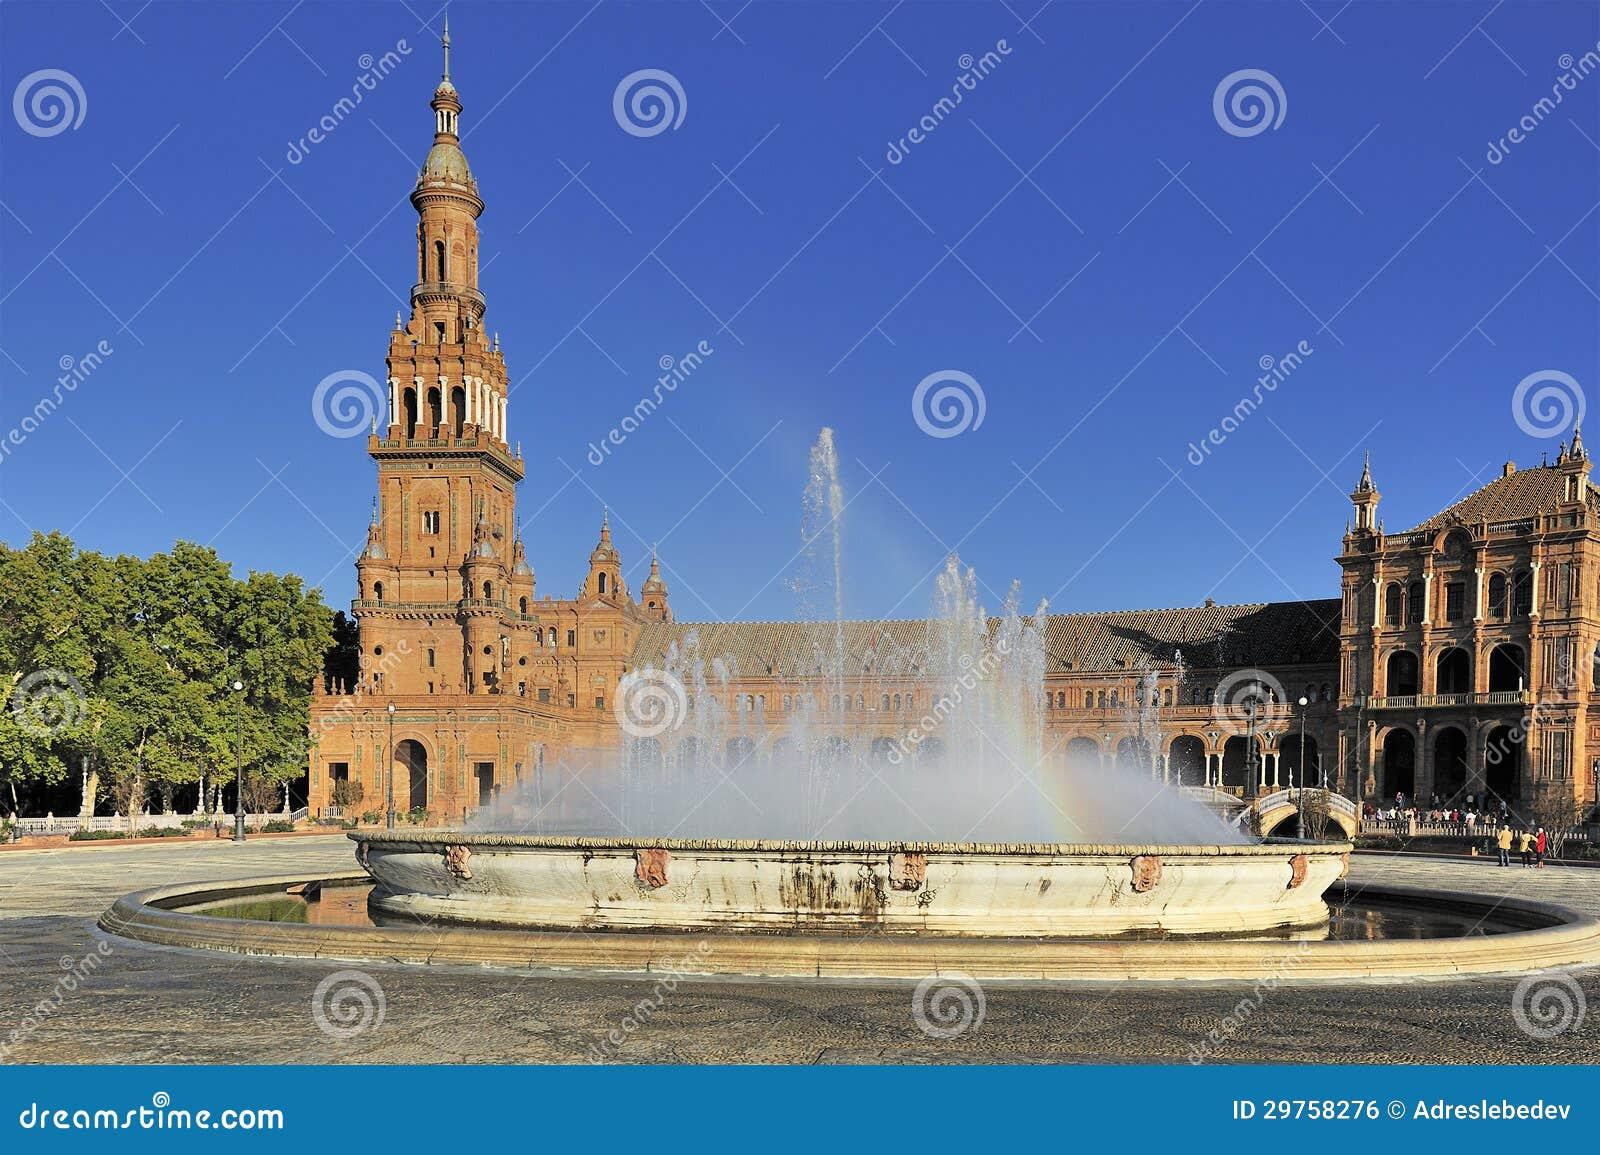 Plaza de西班牙(西班牙广场),塞维利亚,西班牙